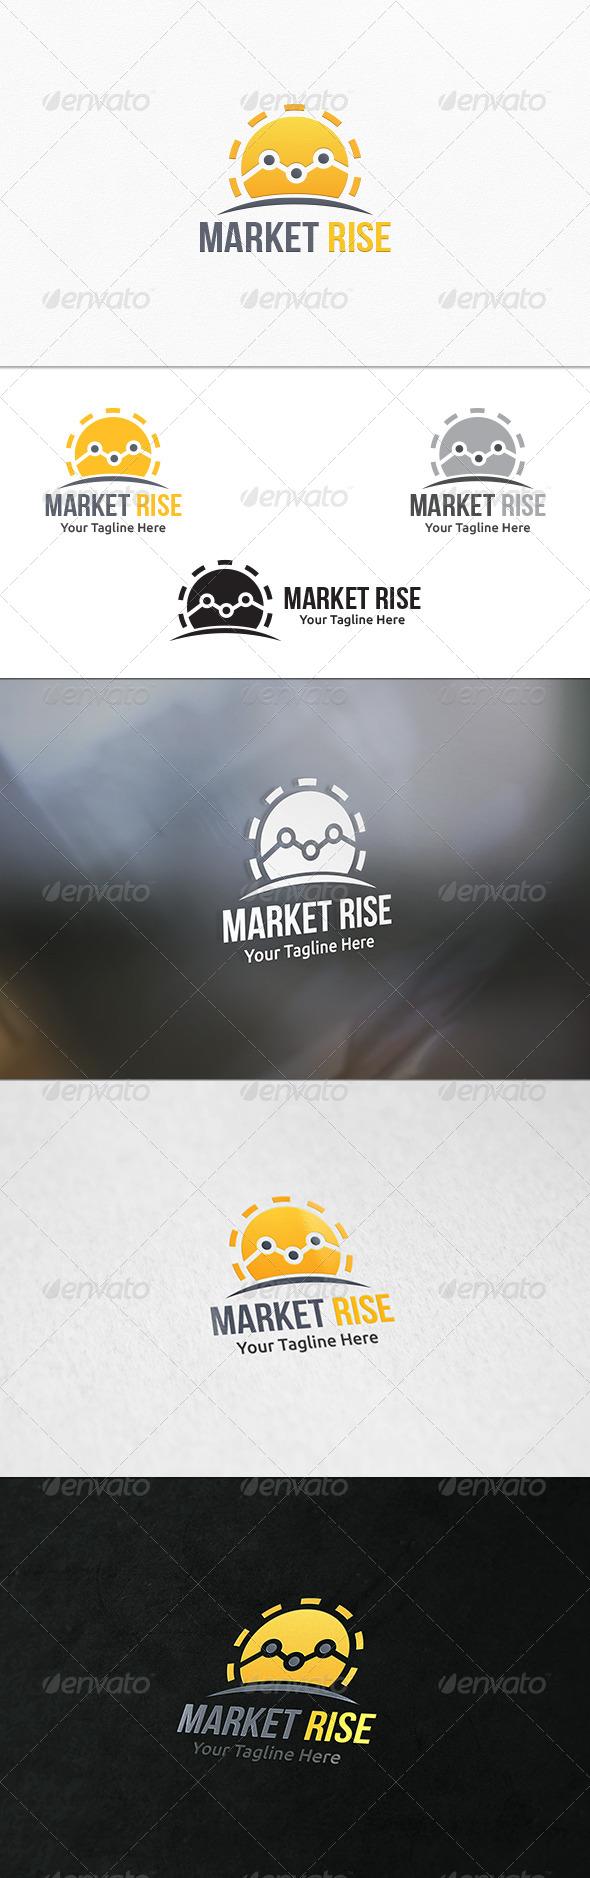 GraphicRiver Market Rise Logo Template 7807412